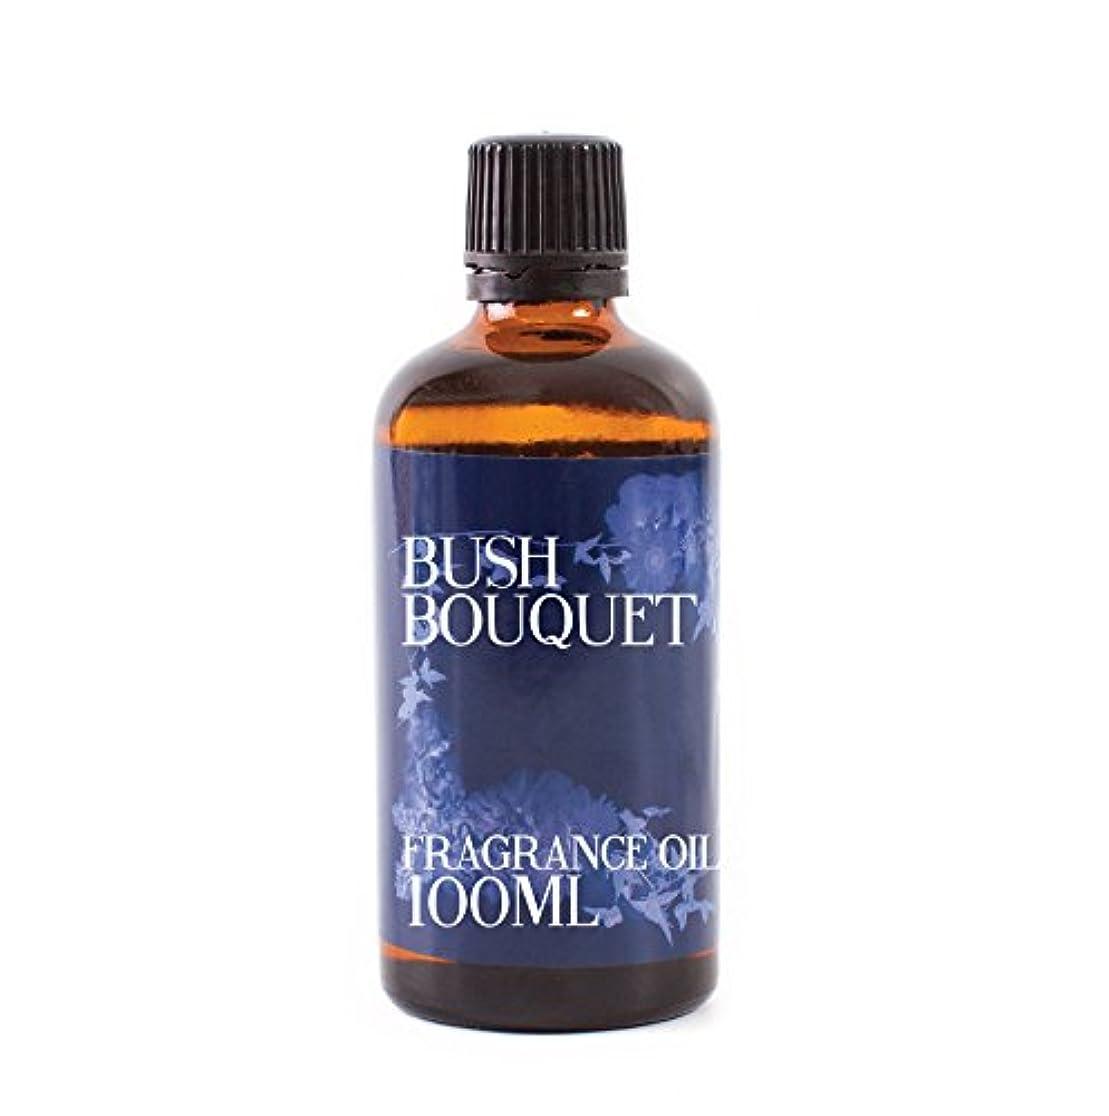 物語チラチラするタンカーMystic Moments   Bush Bouquet Fragrance Oil - 100ml